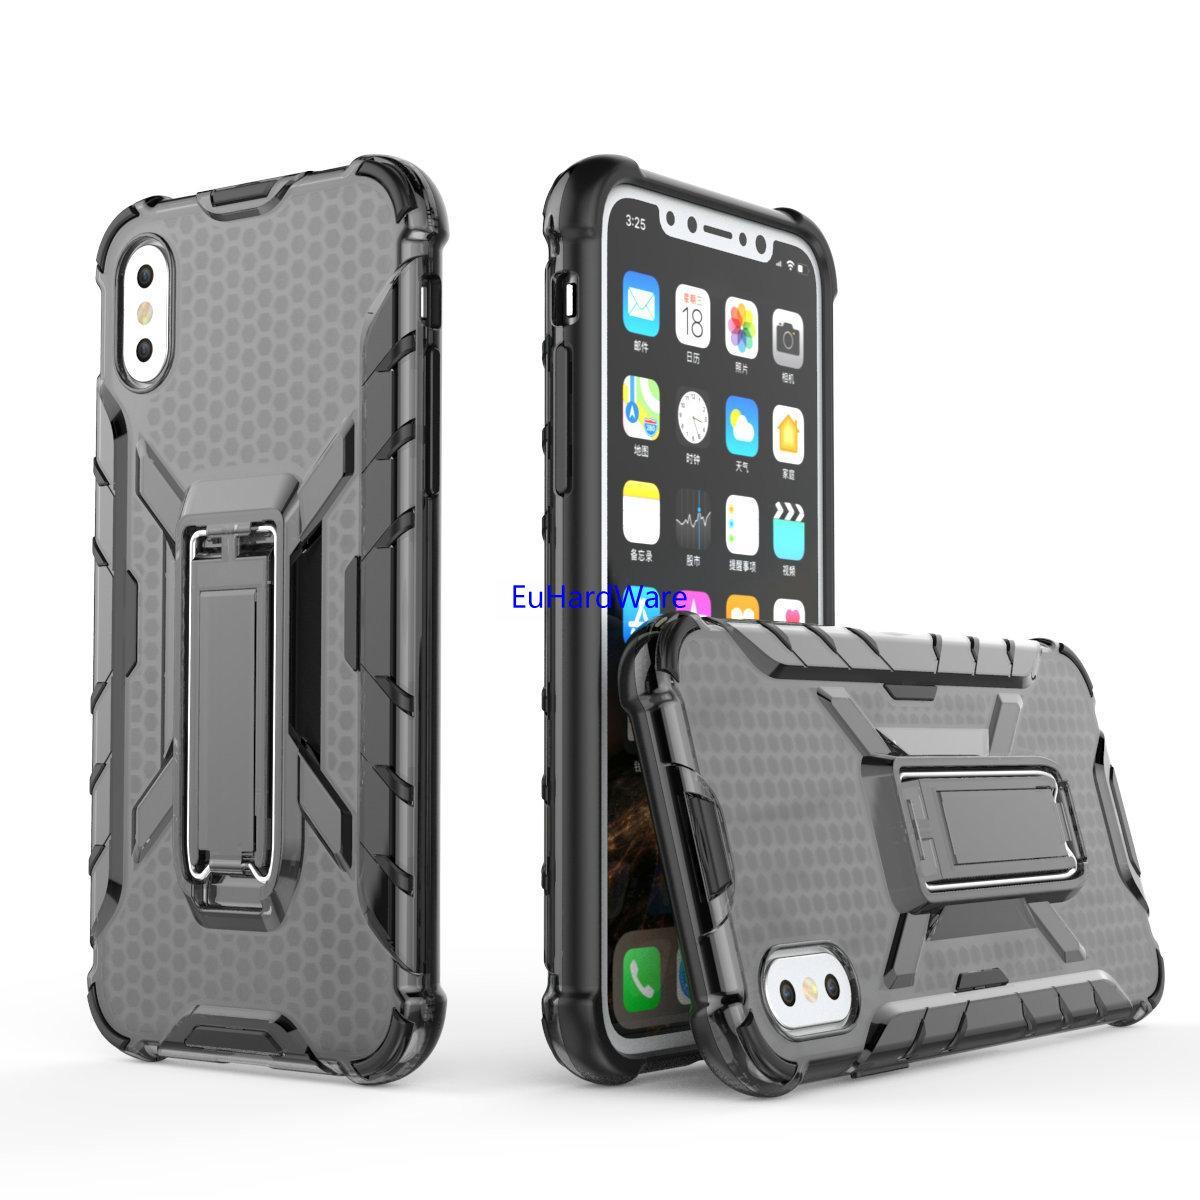 Для iPhone XS MAX Case 8 PLUS 7 6S падения Испытано Защитный чехол   Kickstand   Совместимость с Apple, iPhone